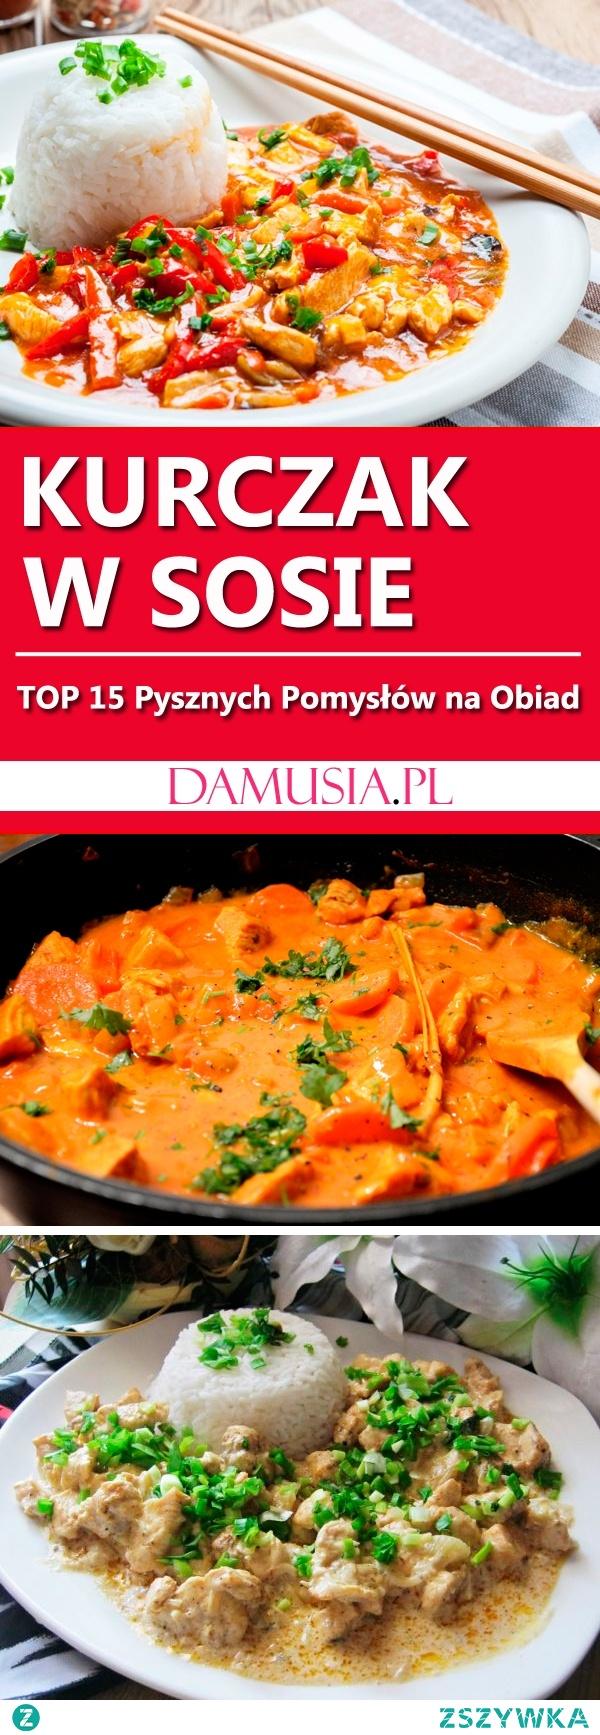 Kurczak w Sosie: TOP 15 Pysznych Pomysłów na Obiad